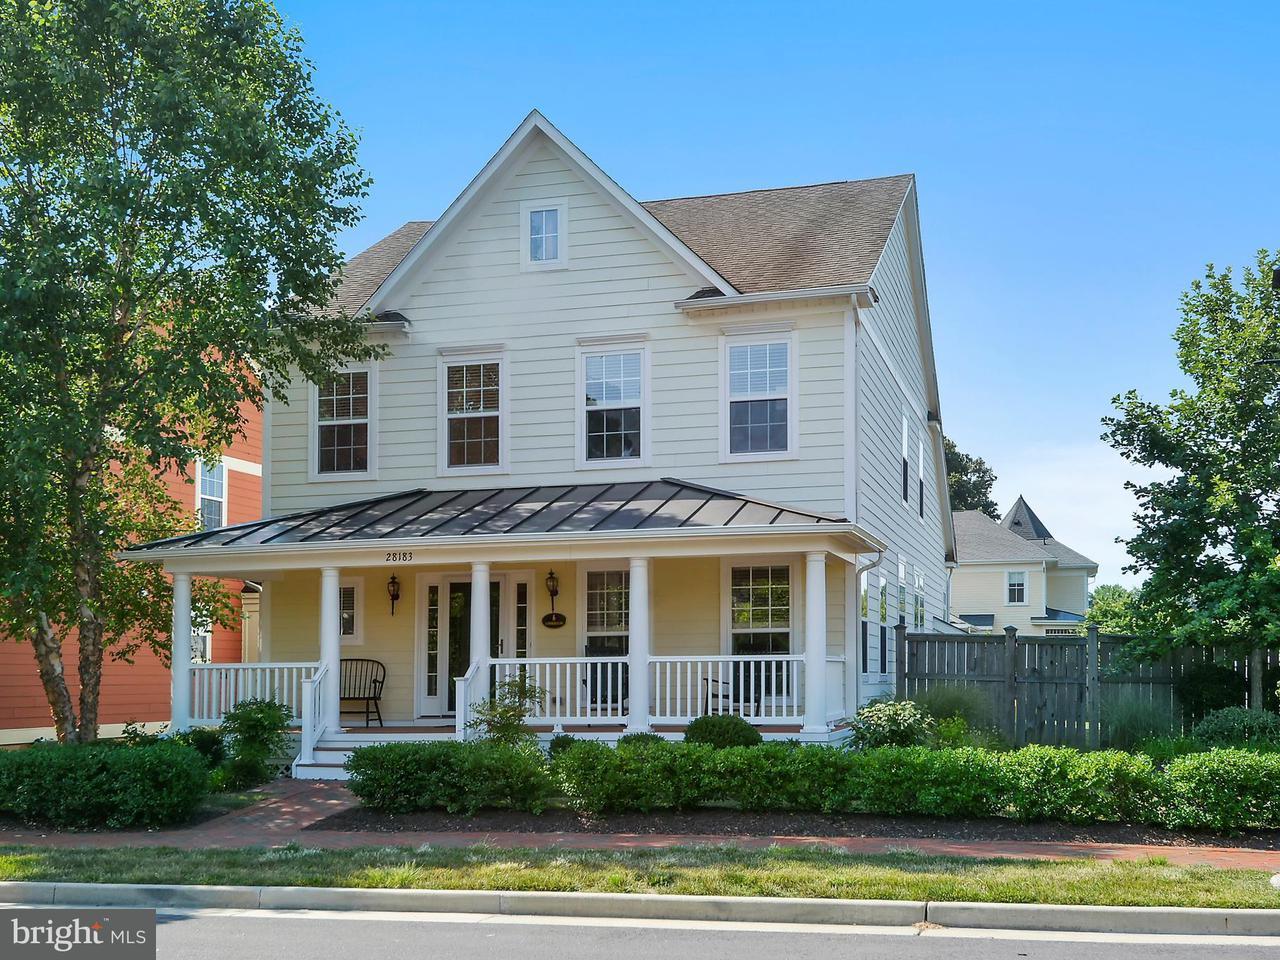 Maison unifamiliale pour l Vente à 28183 Hemmersley Street 28183 Hemmersley Street Easton, Maryland 21601 États-Unis